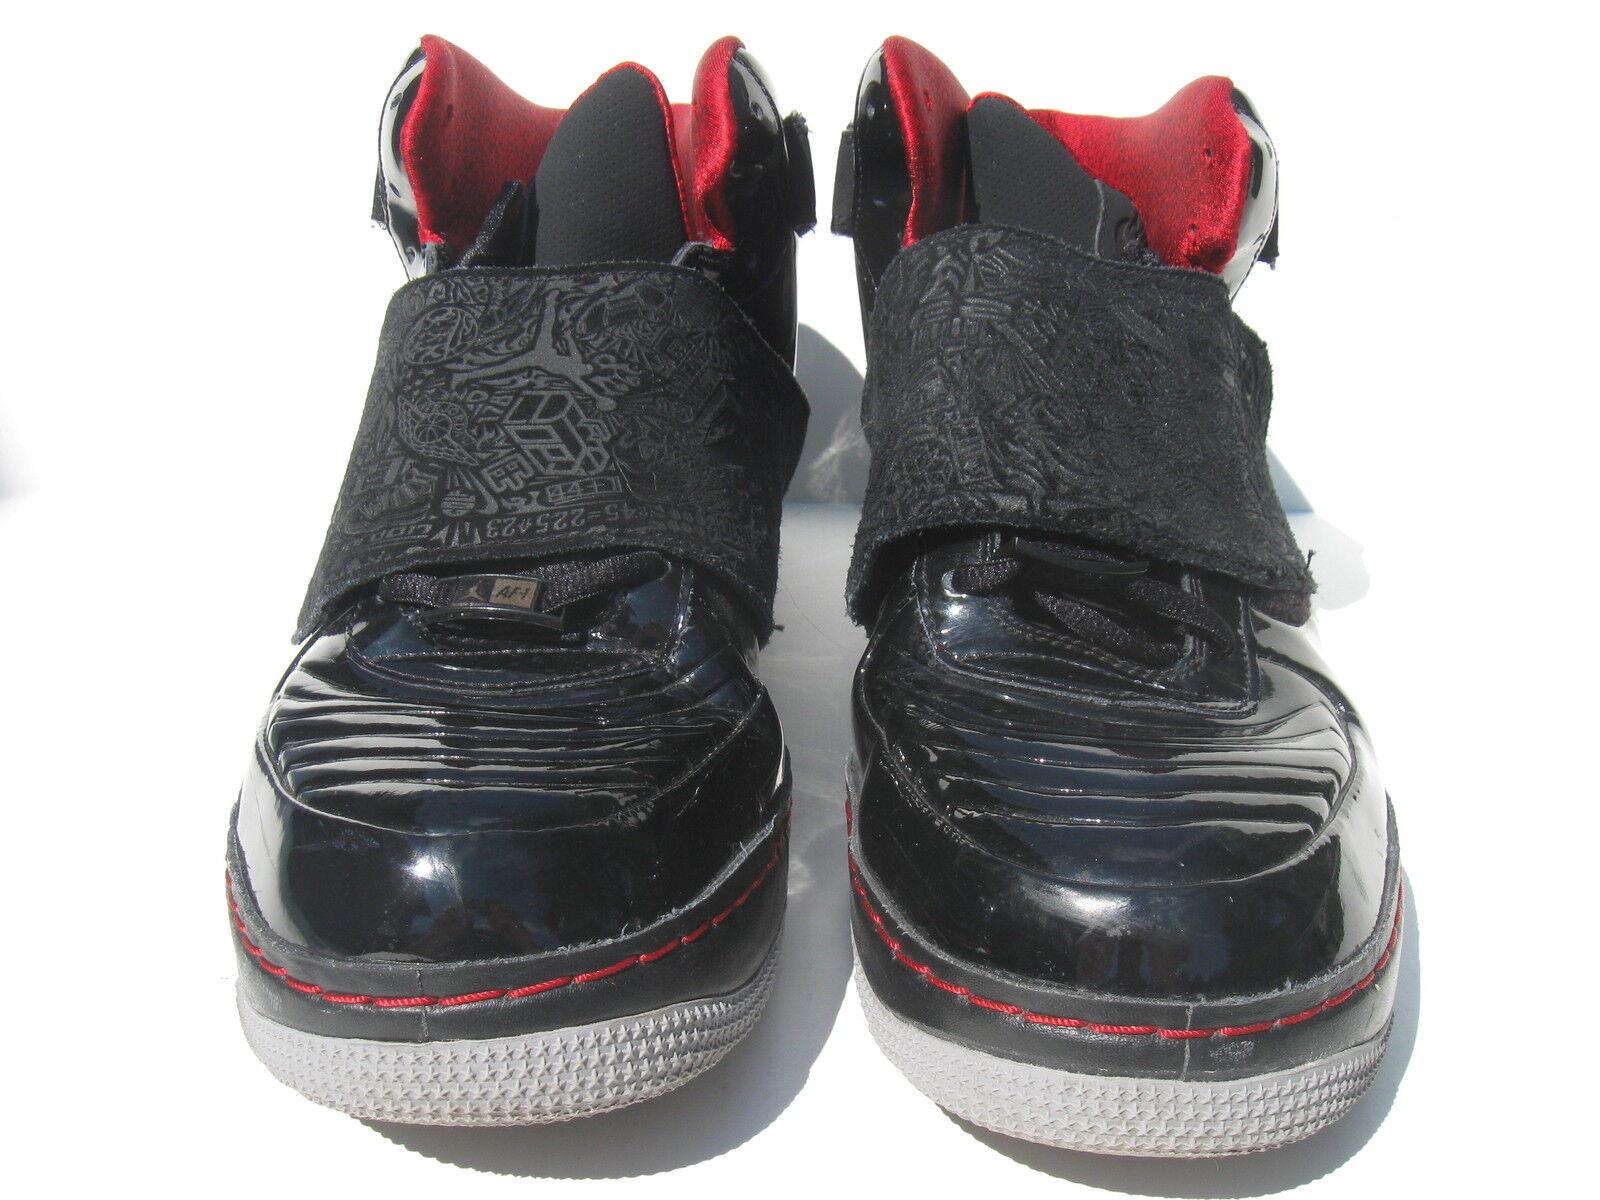 vtg NIKE BEST OF BOTH WORLDS AF-1 Air Jordan Men's Basketball Shoes Comfortable Brand discount